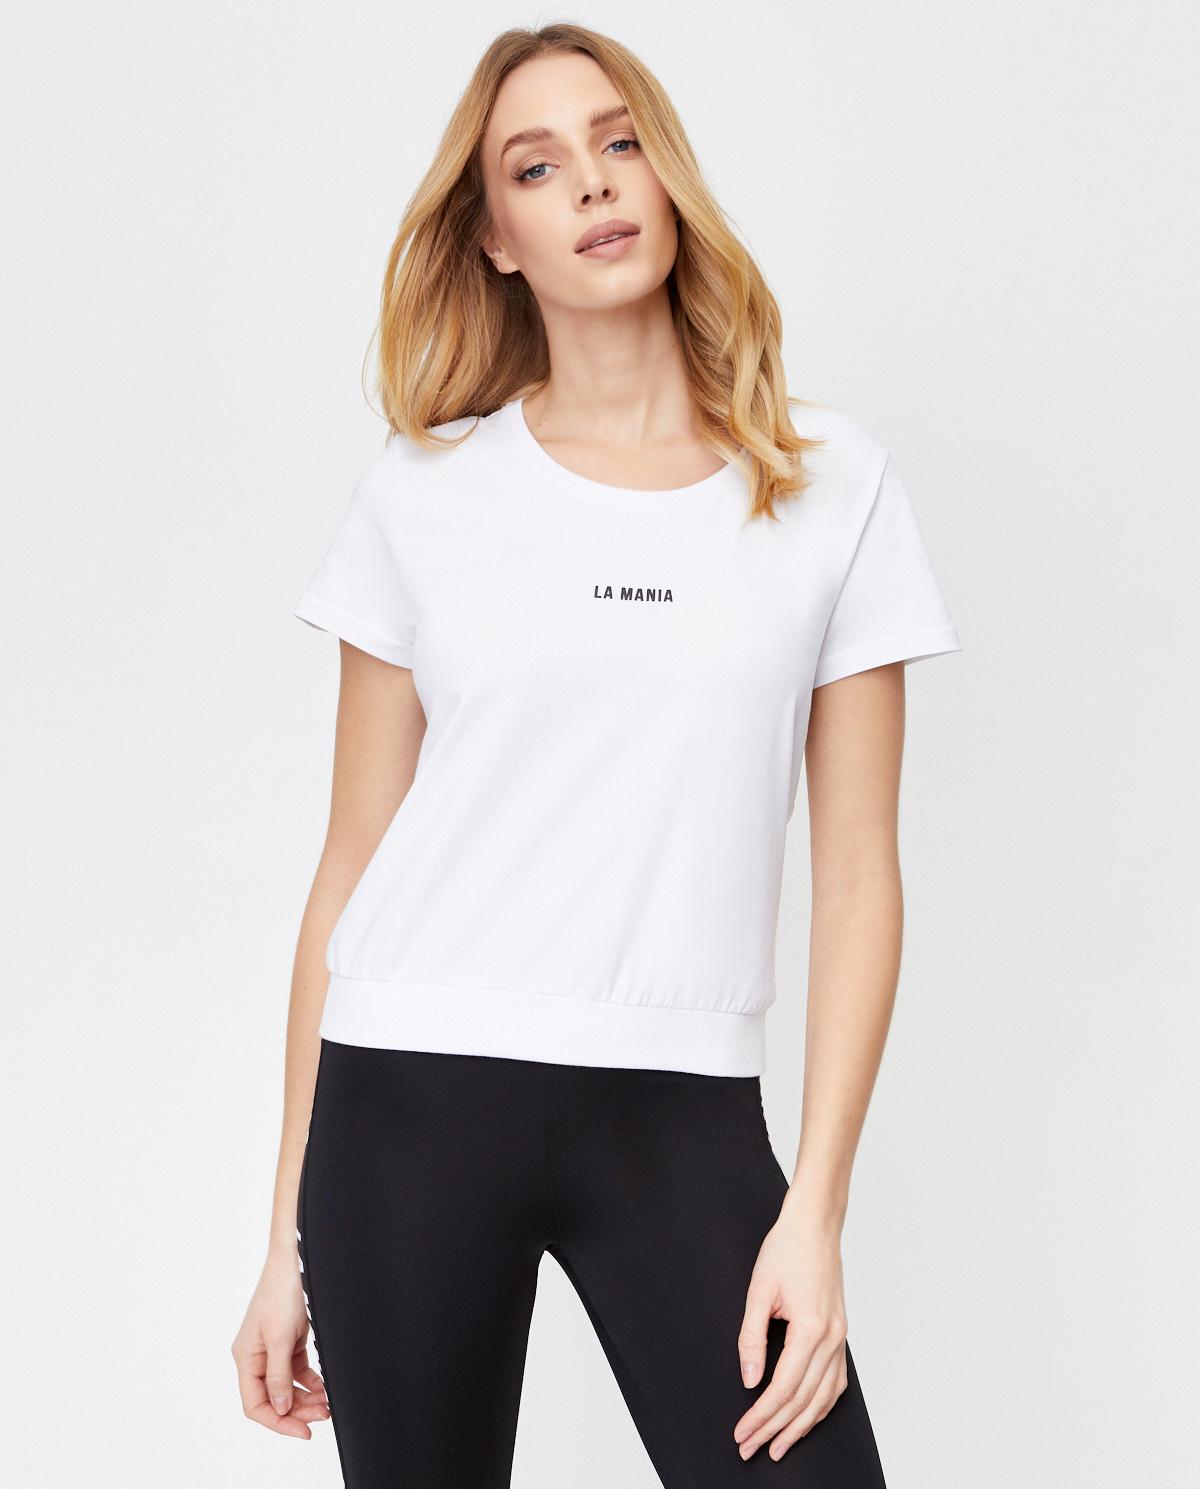 Krótki biały t-shirt Zion La Mania ZION WHITE